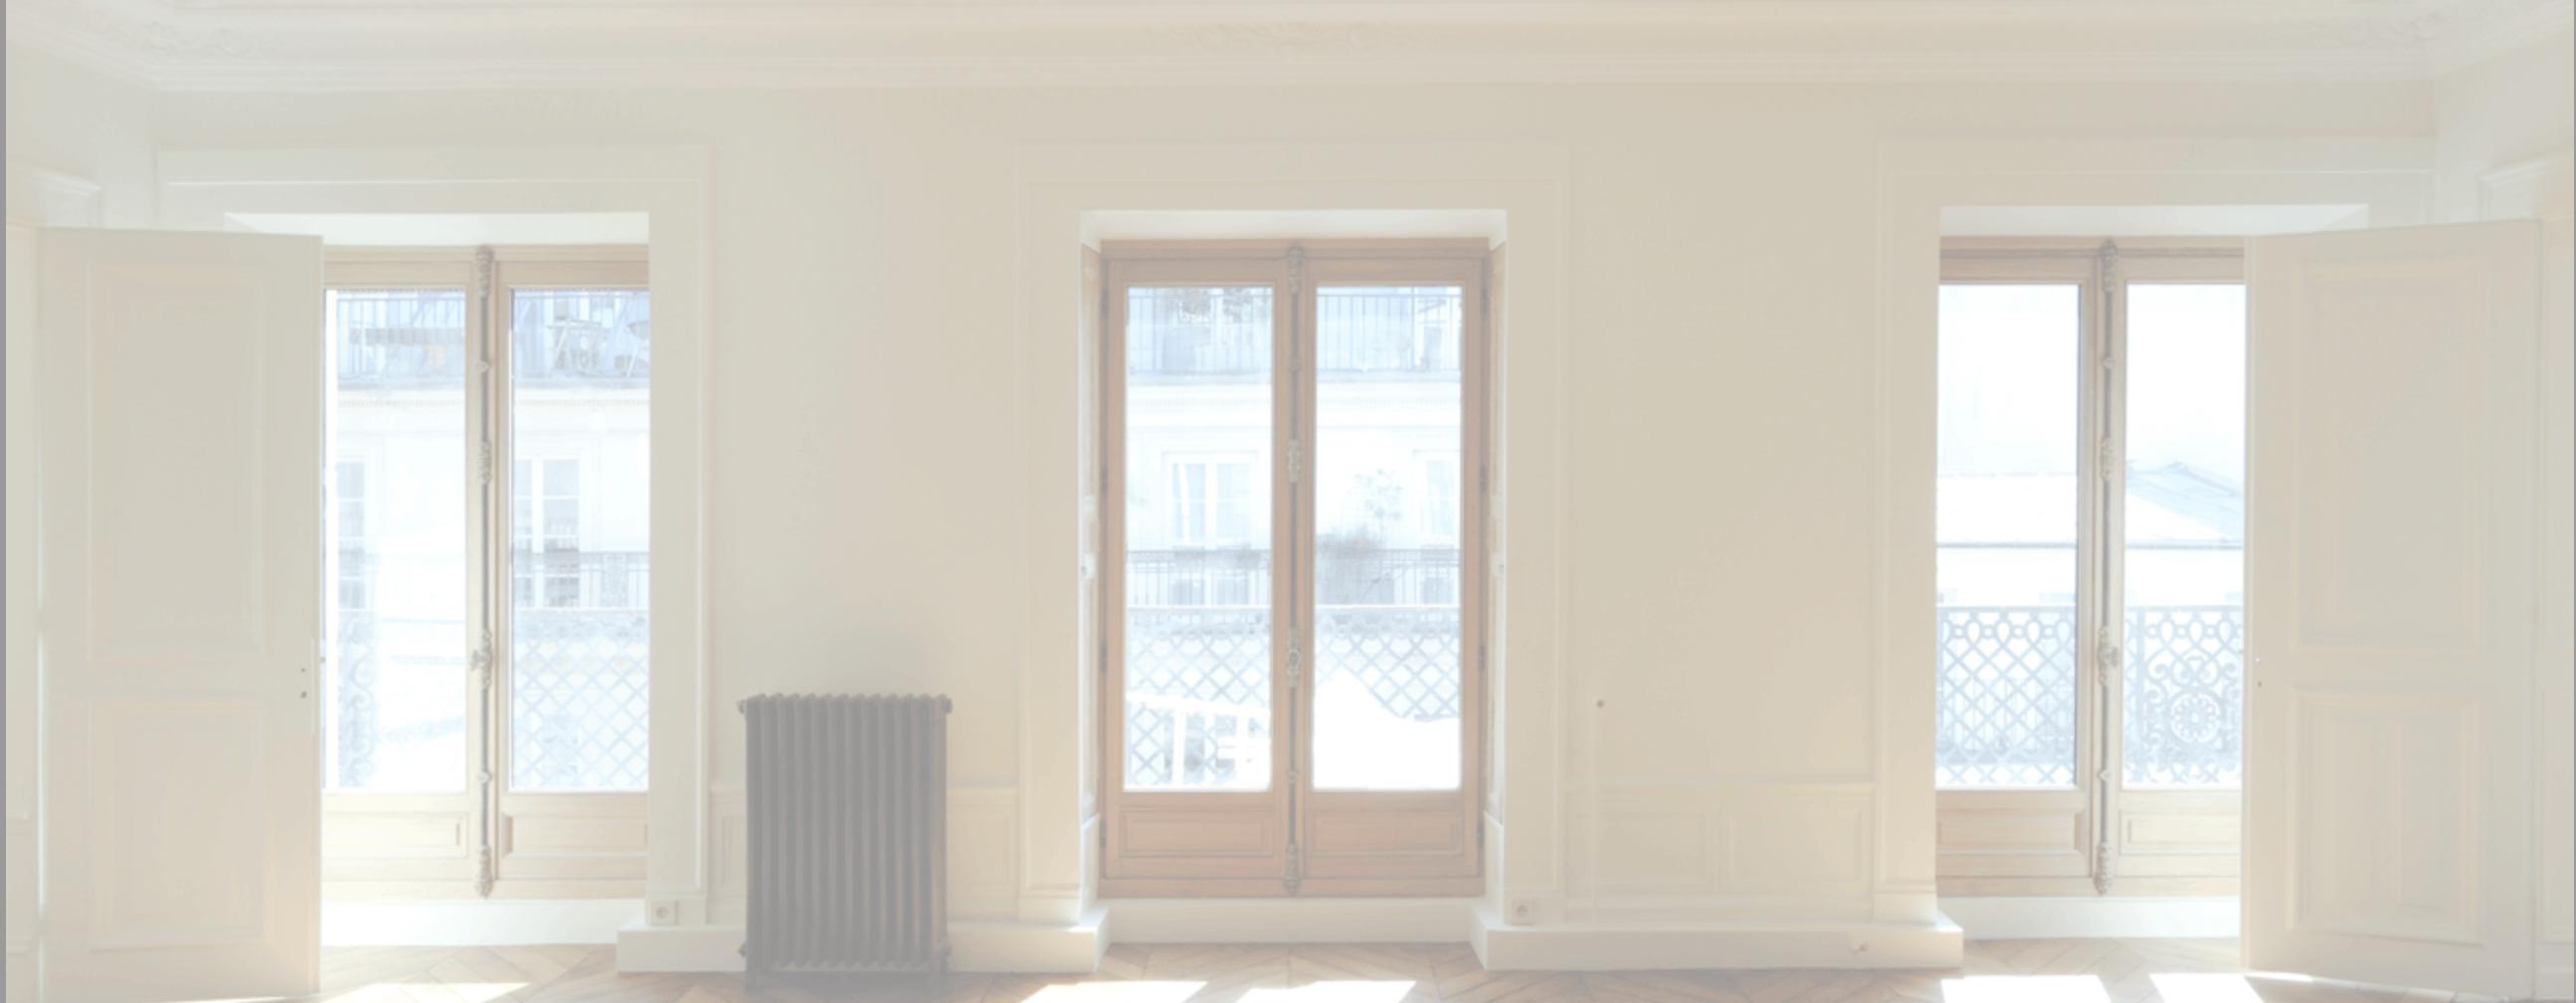 Menuiserie Bourneuf Parigne L Eveque poseur de fenêtre sarthe (72) - devis en 1 minute - les